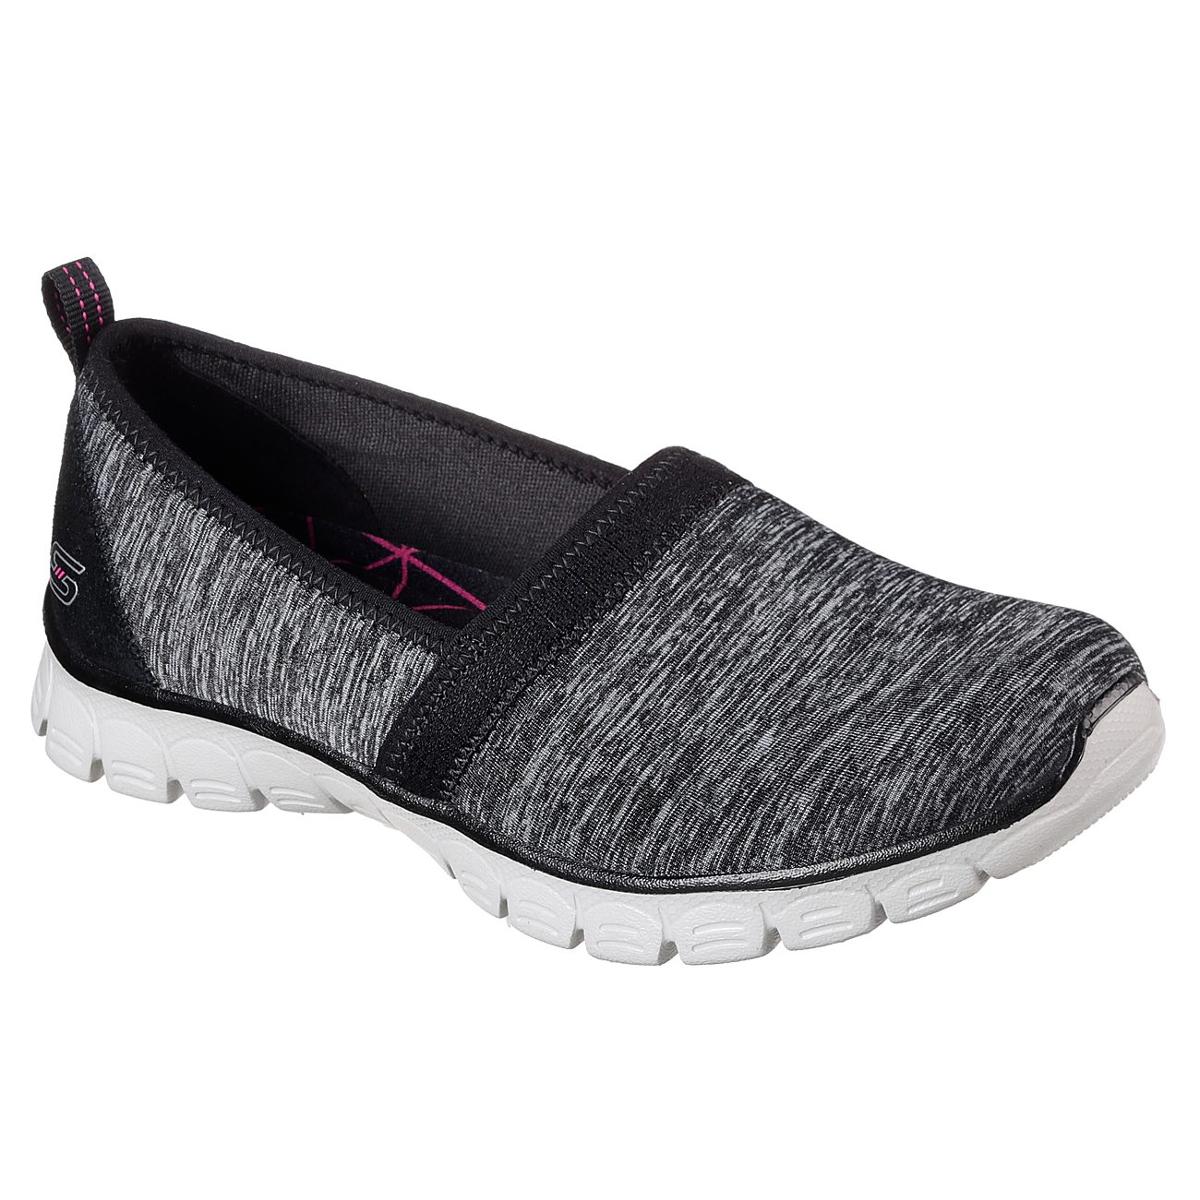 Skechers Women's Ez Flex 3.0 - Swift Motion Casual Slip-On Shoes - Black, 10